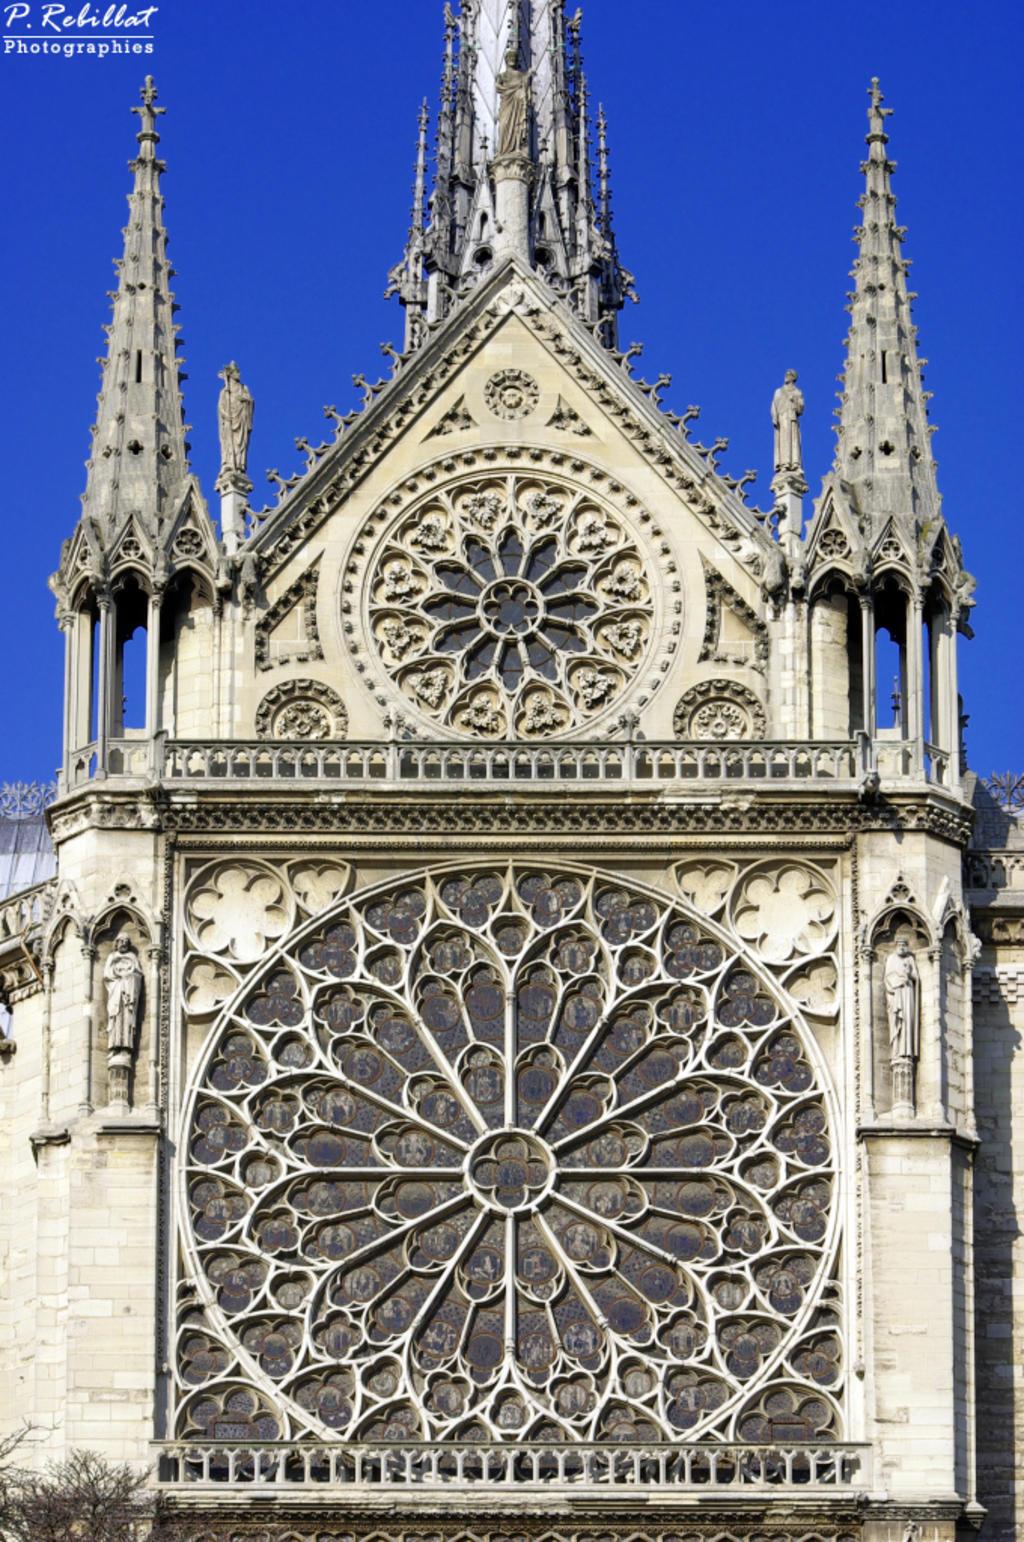 Cathédrale Notre Dame par Pascal-Jean Rebillat Photographies